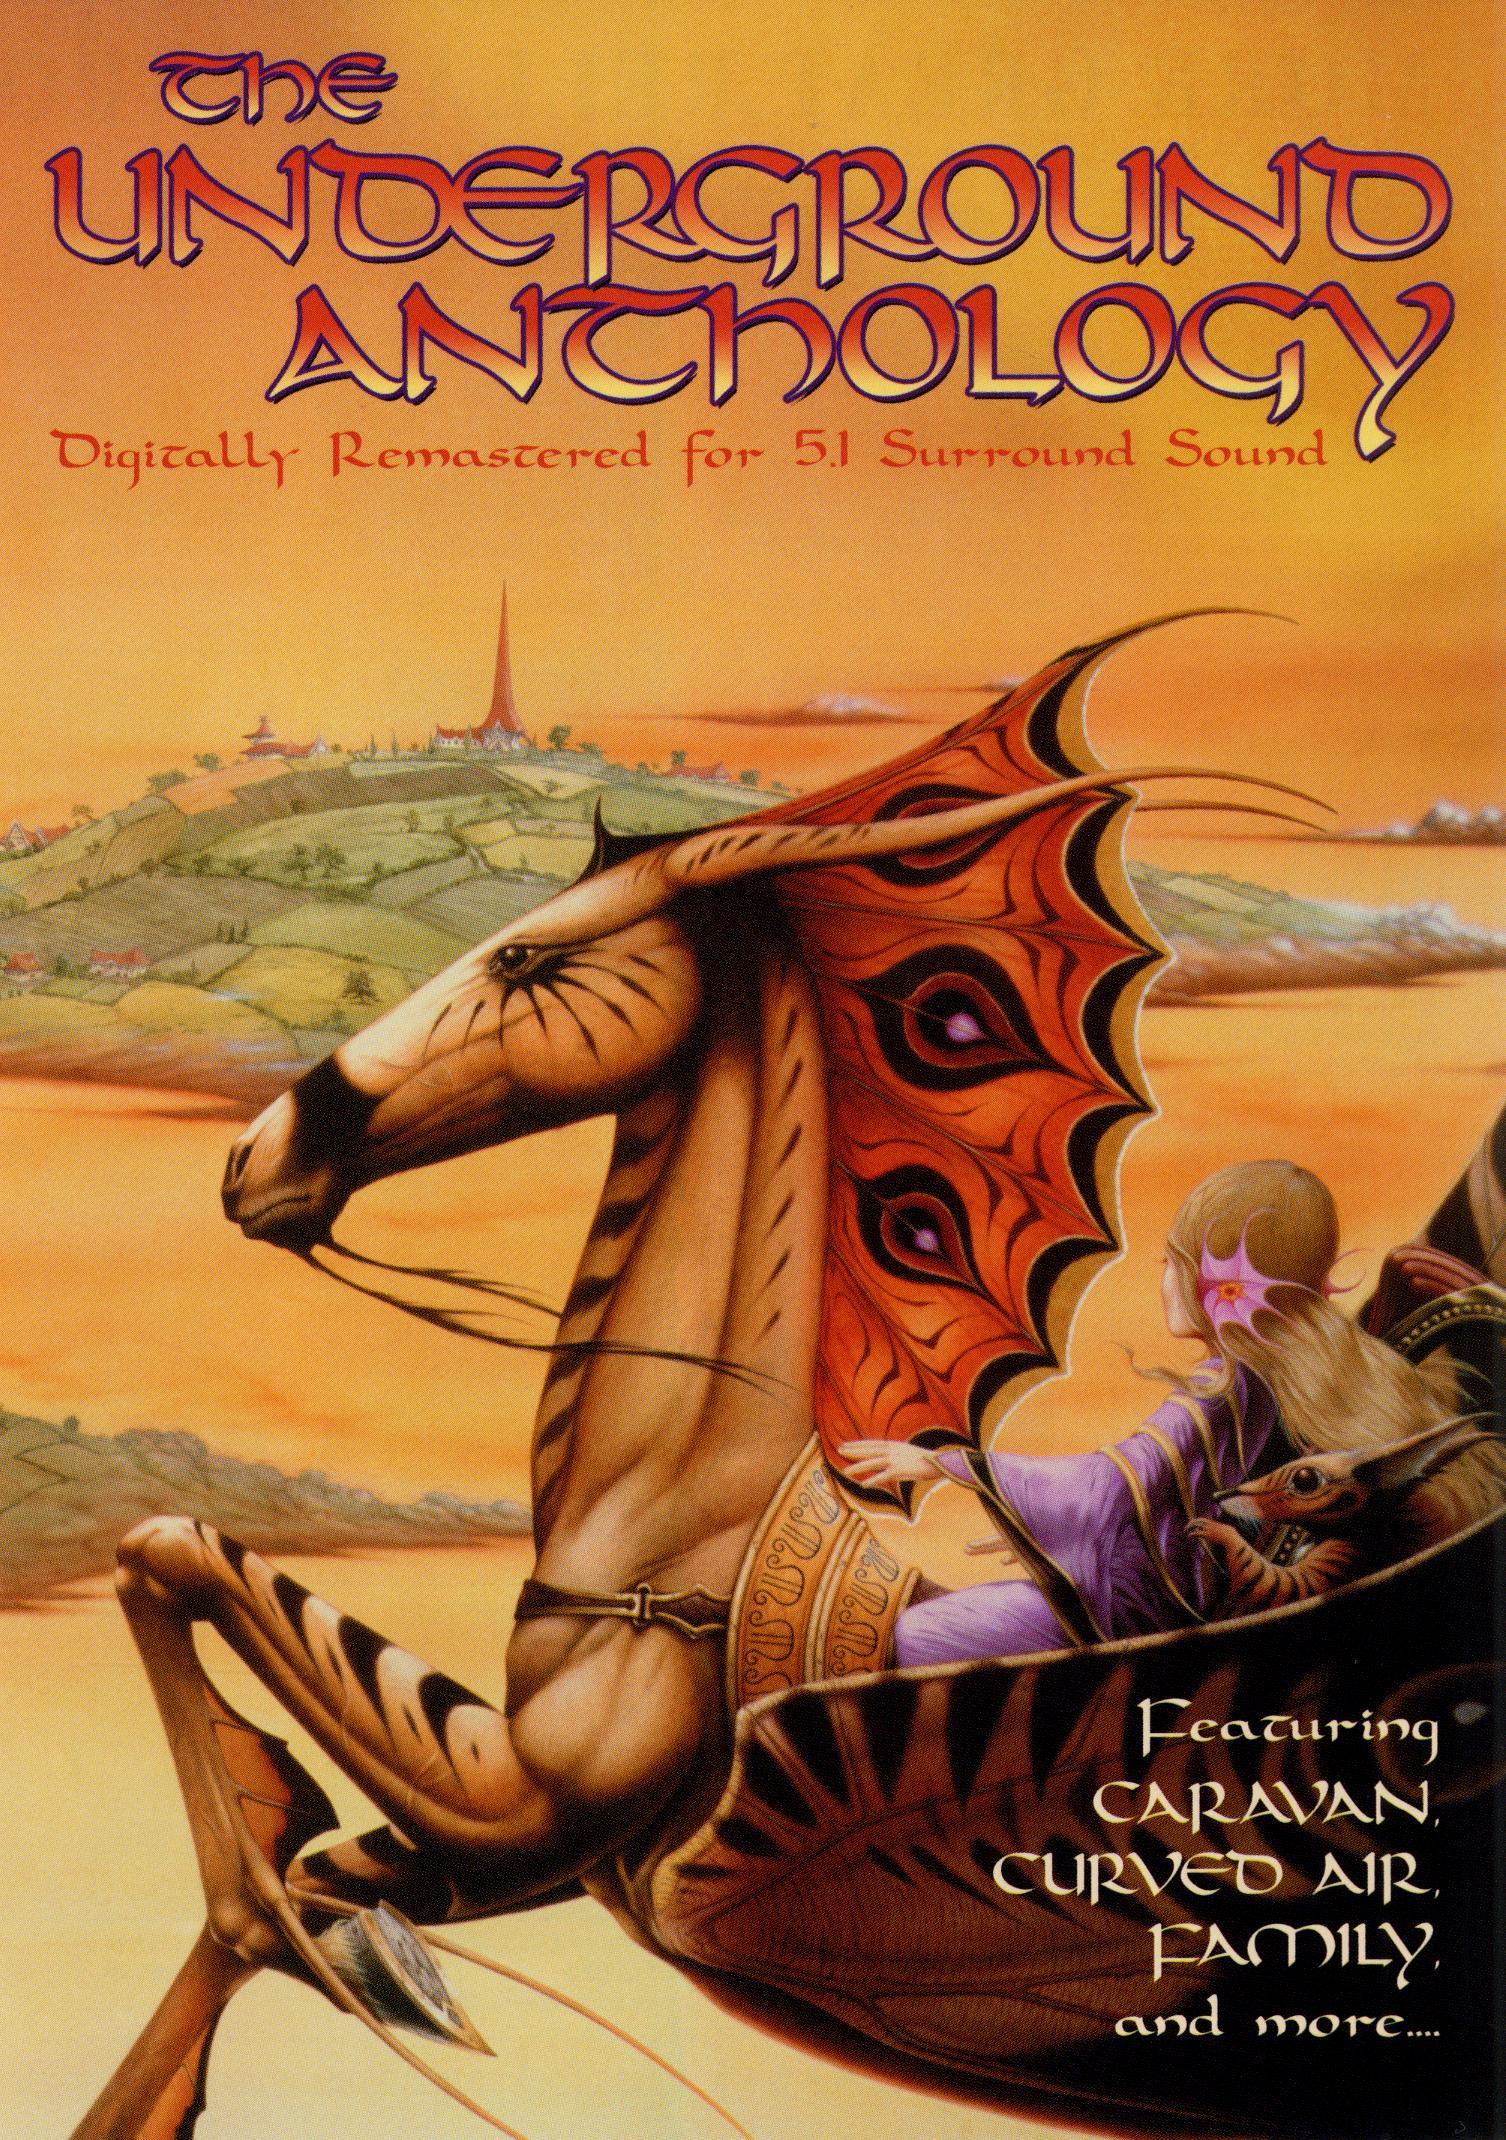 The Underground Anthology